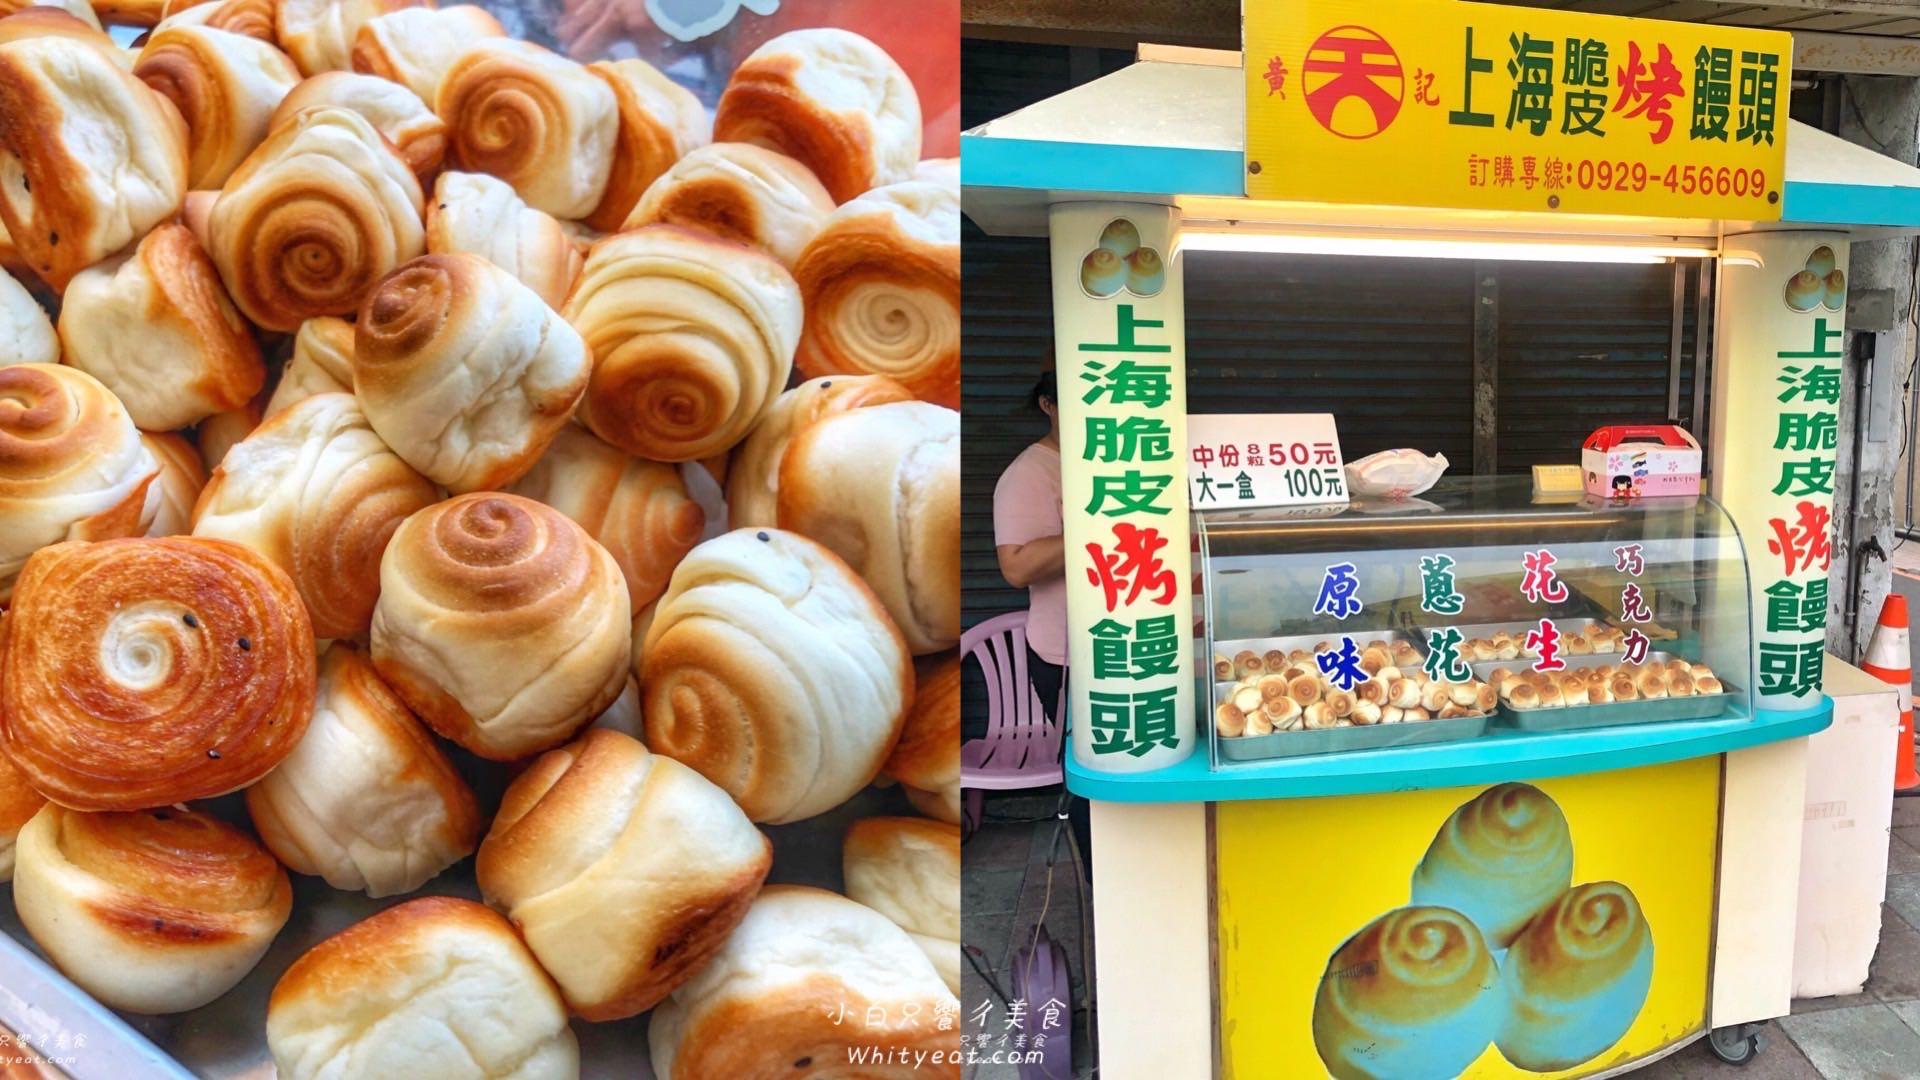 台南東區【上海脆皮烤饅頭】超療癒饅頭山!8顆50元銅板美食 下午點心好朋友 台南美食l東寧路